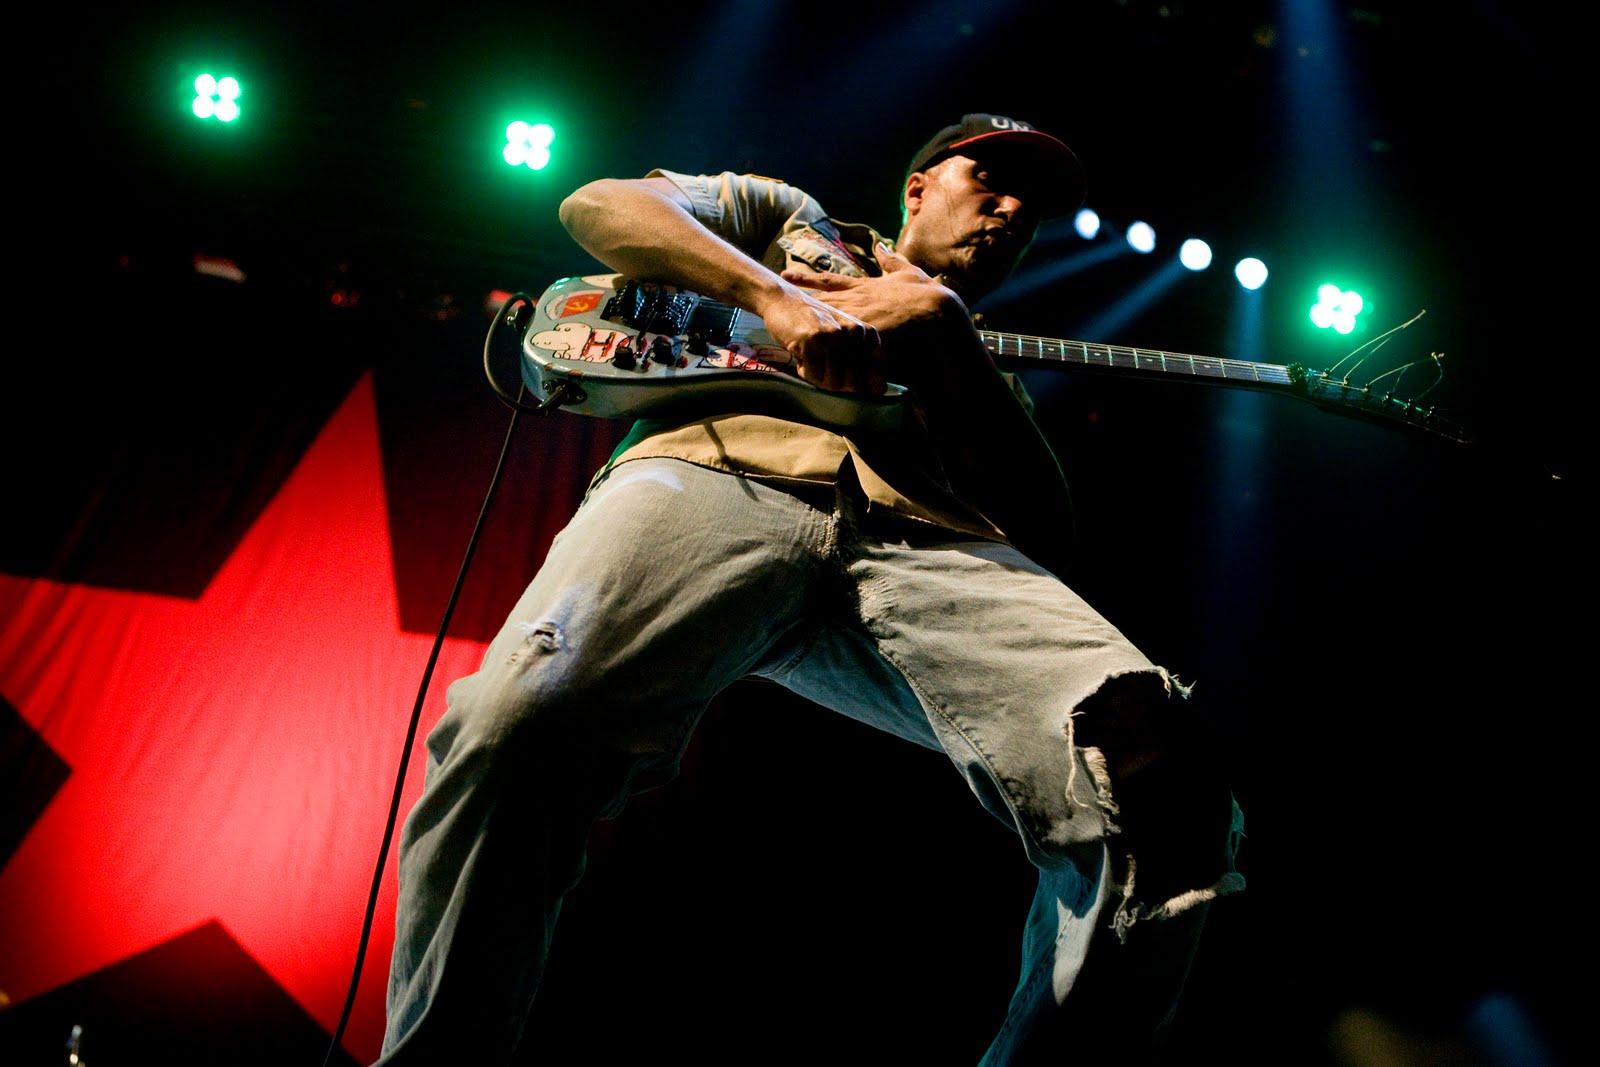 Tom Morello comemoraria os 20 anos do primeiro disco do RATM com uma turnê mundial